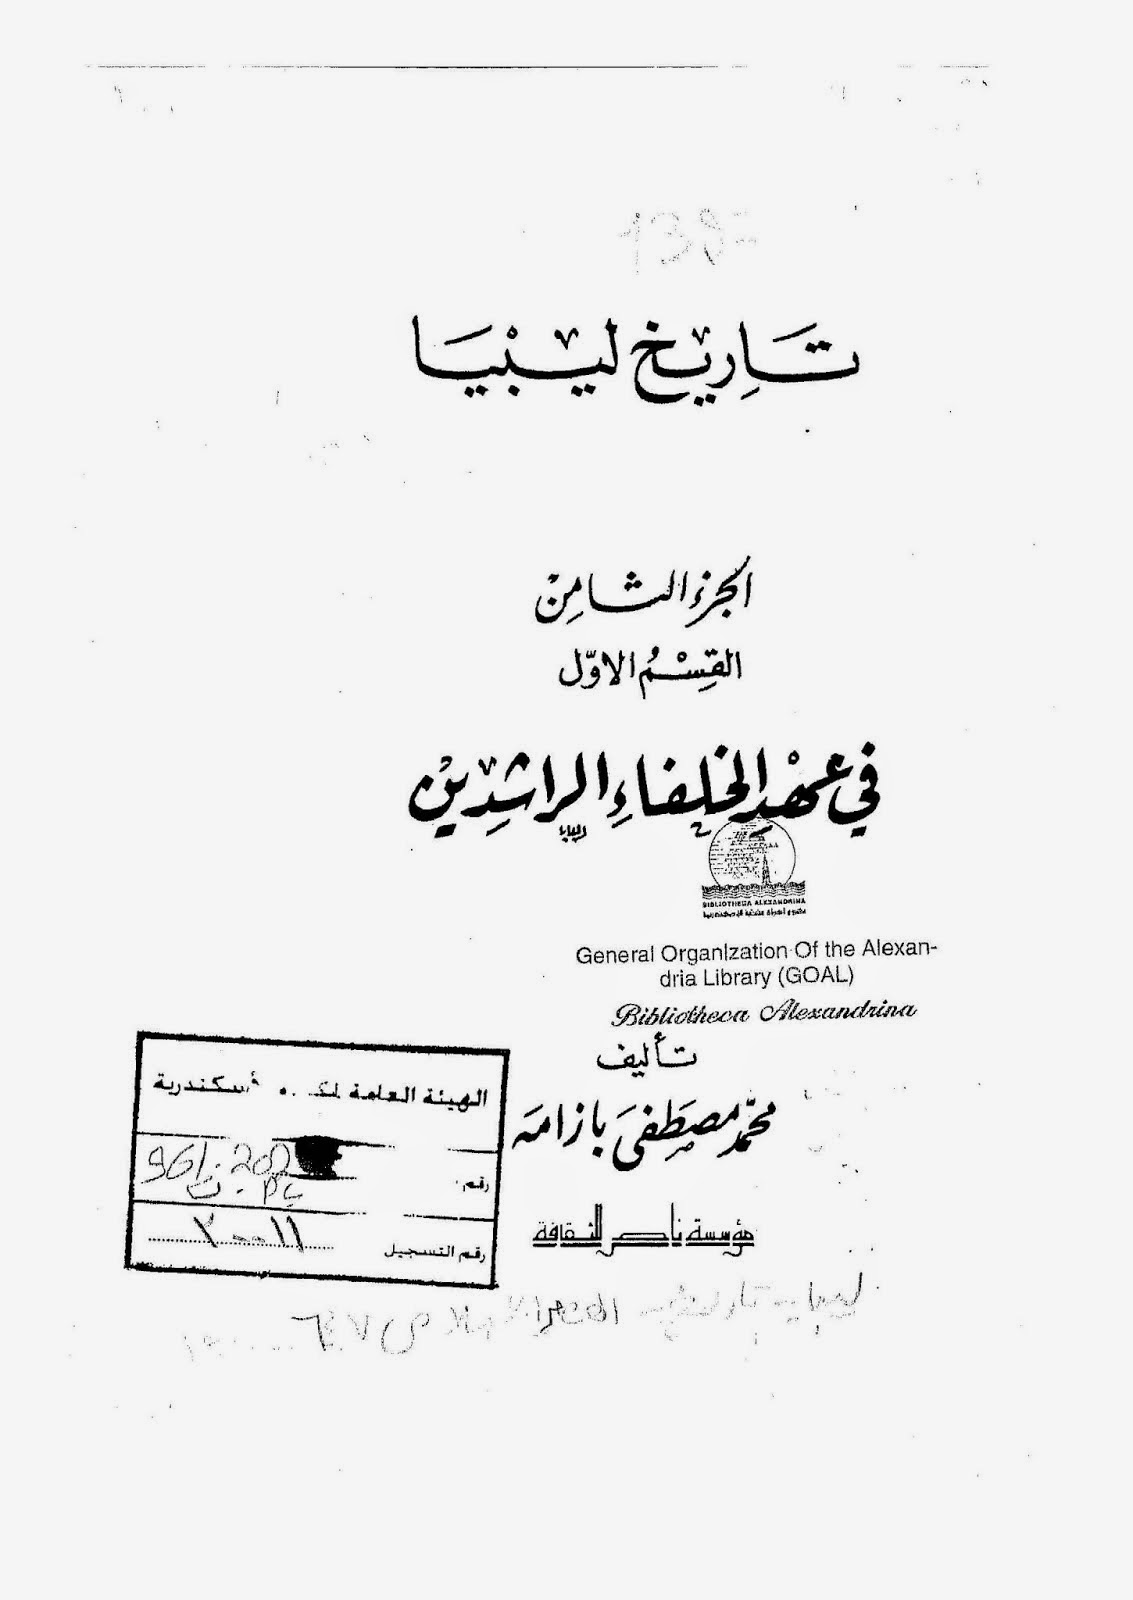 حمل الكتاب تاريخ ليبيا في عهد الخلفاء الراشدين لـ محمد مصطفى بازامة